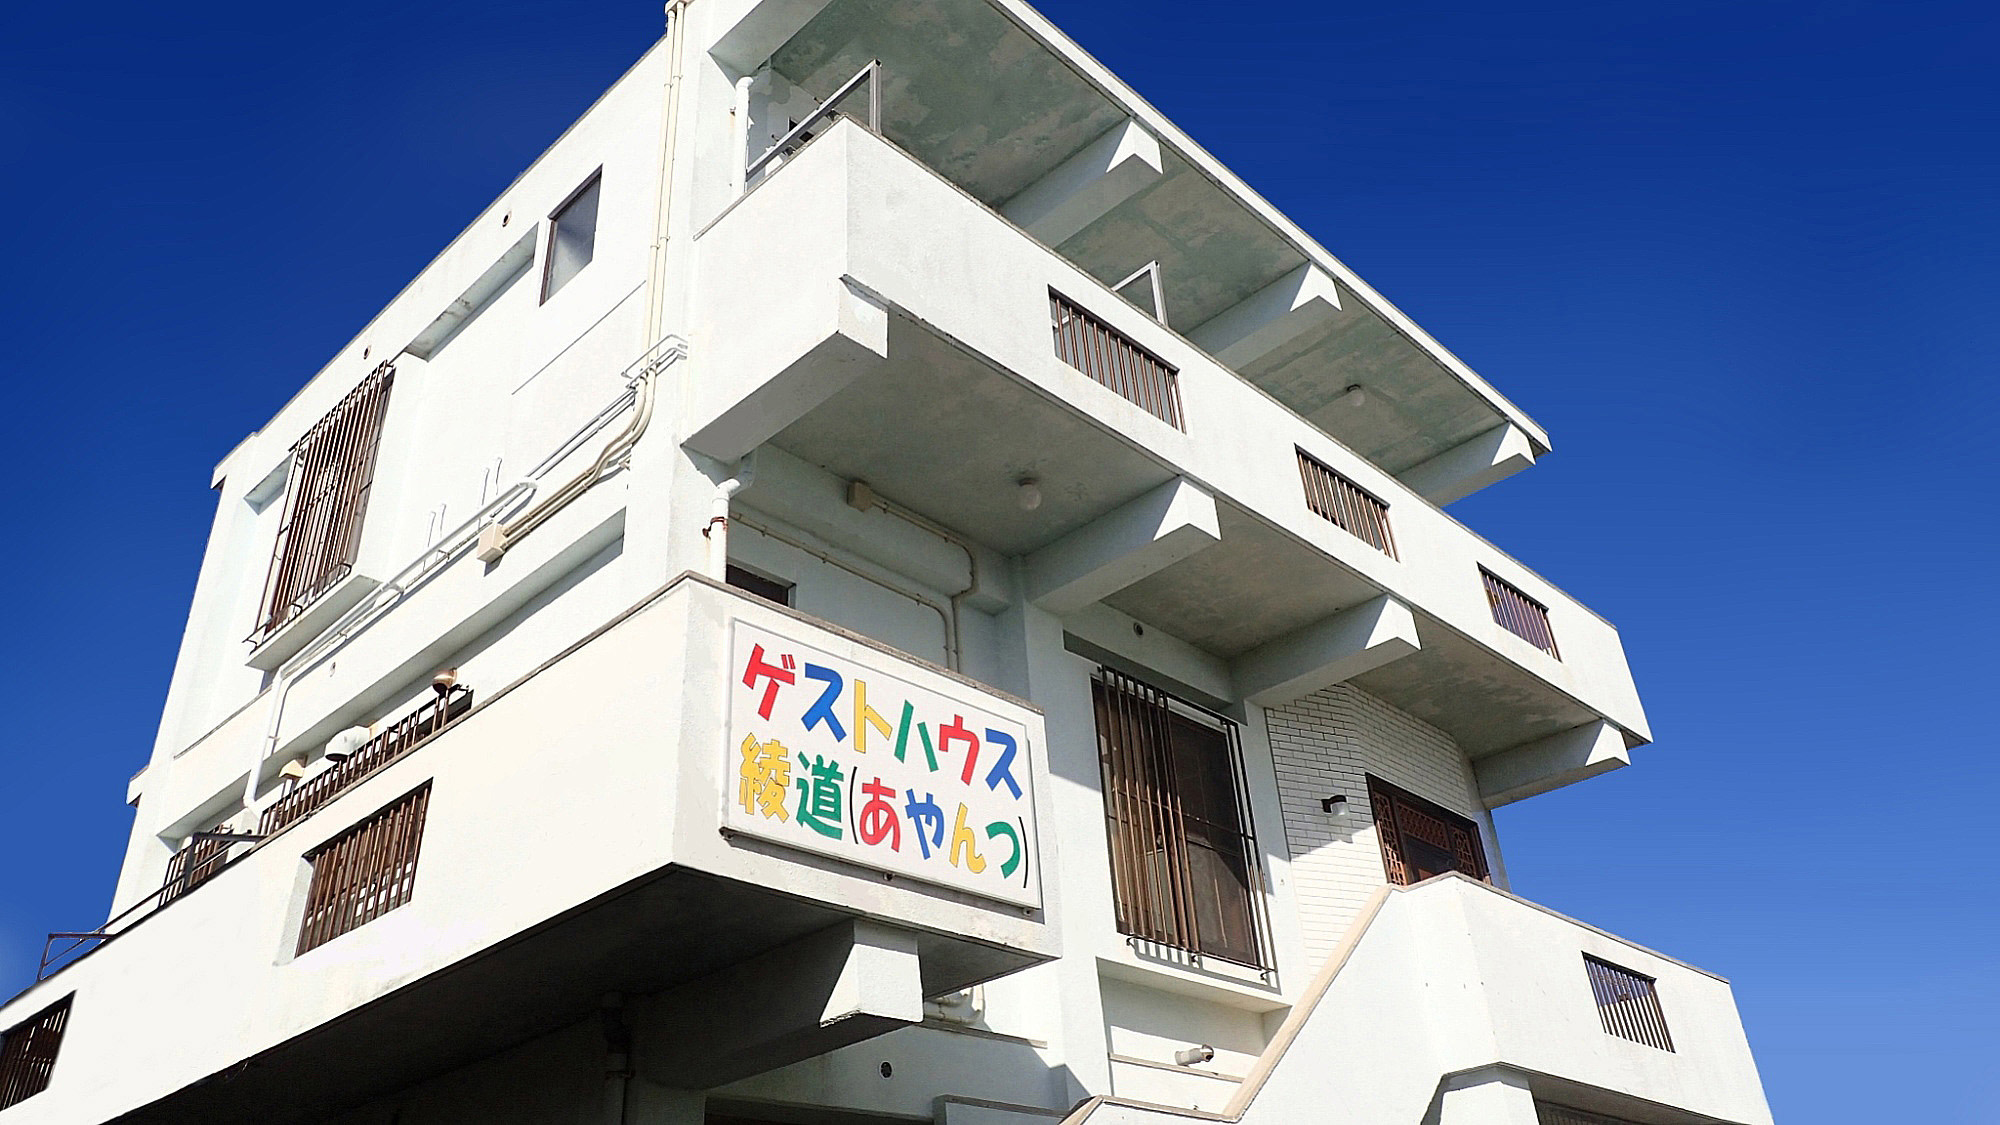 ゲストハウス 綾道◆楽天トラベル